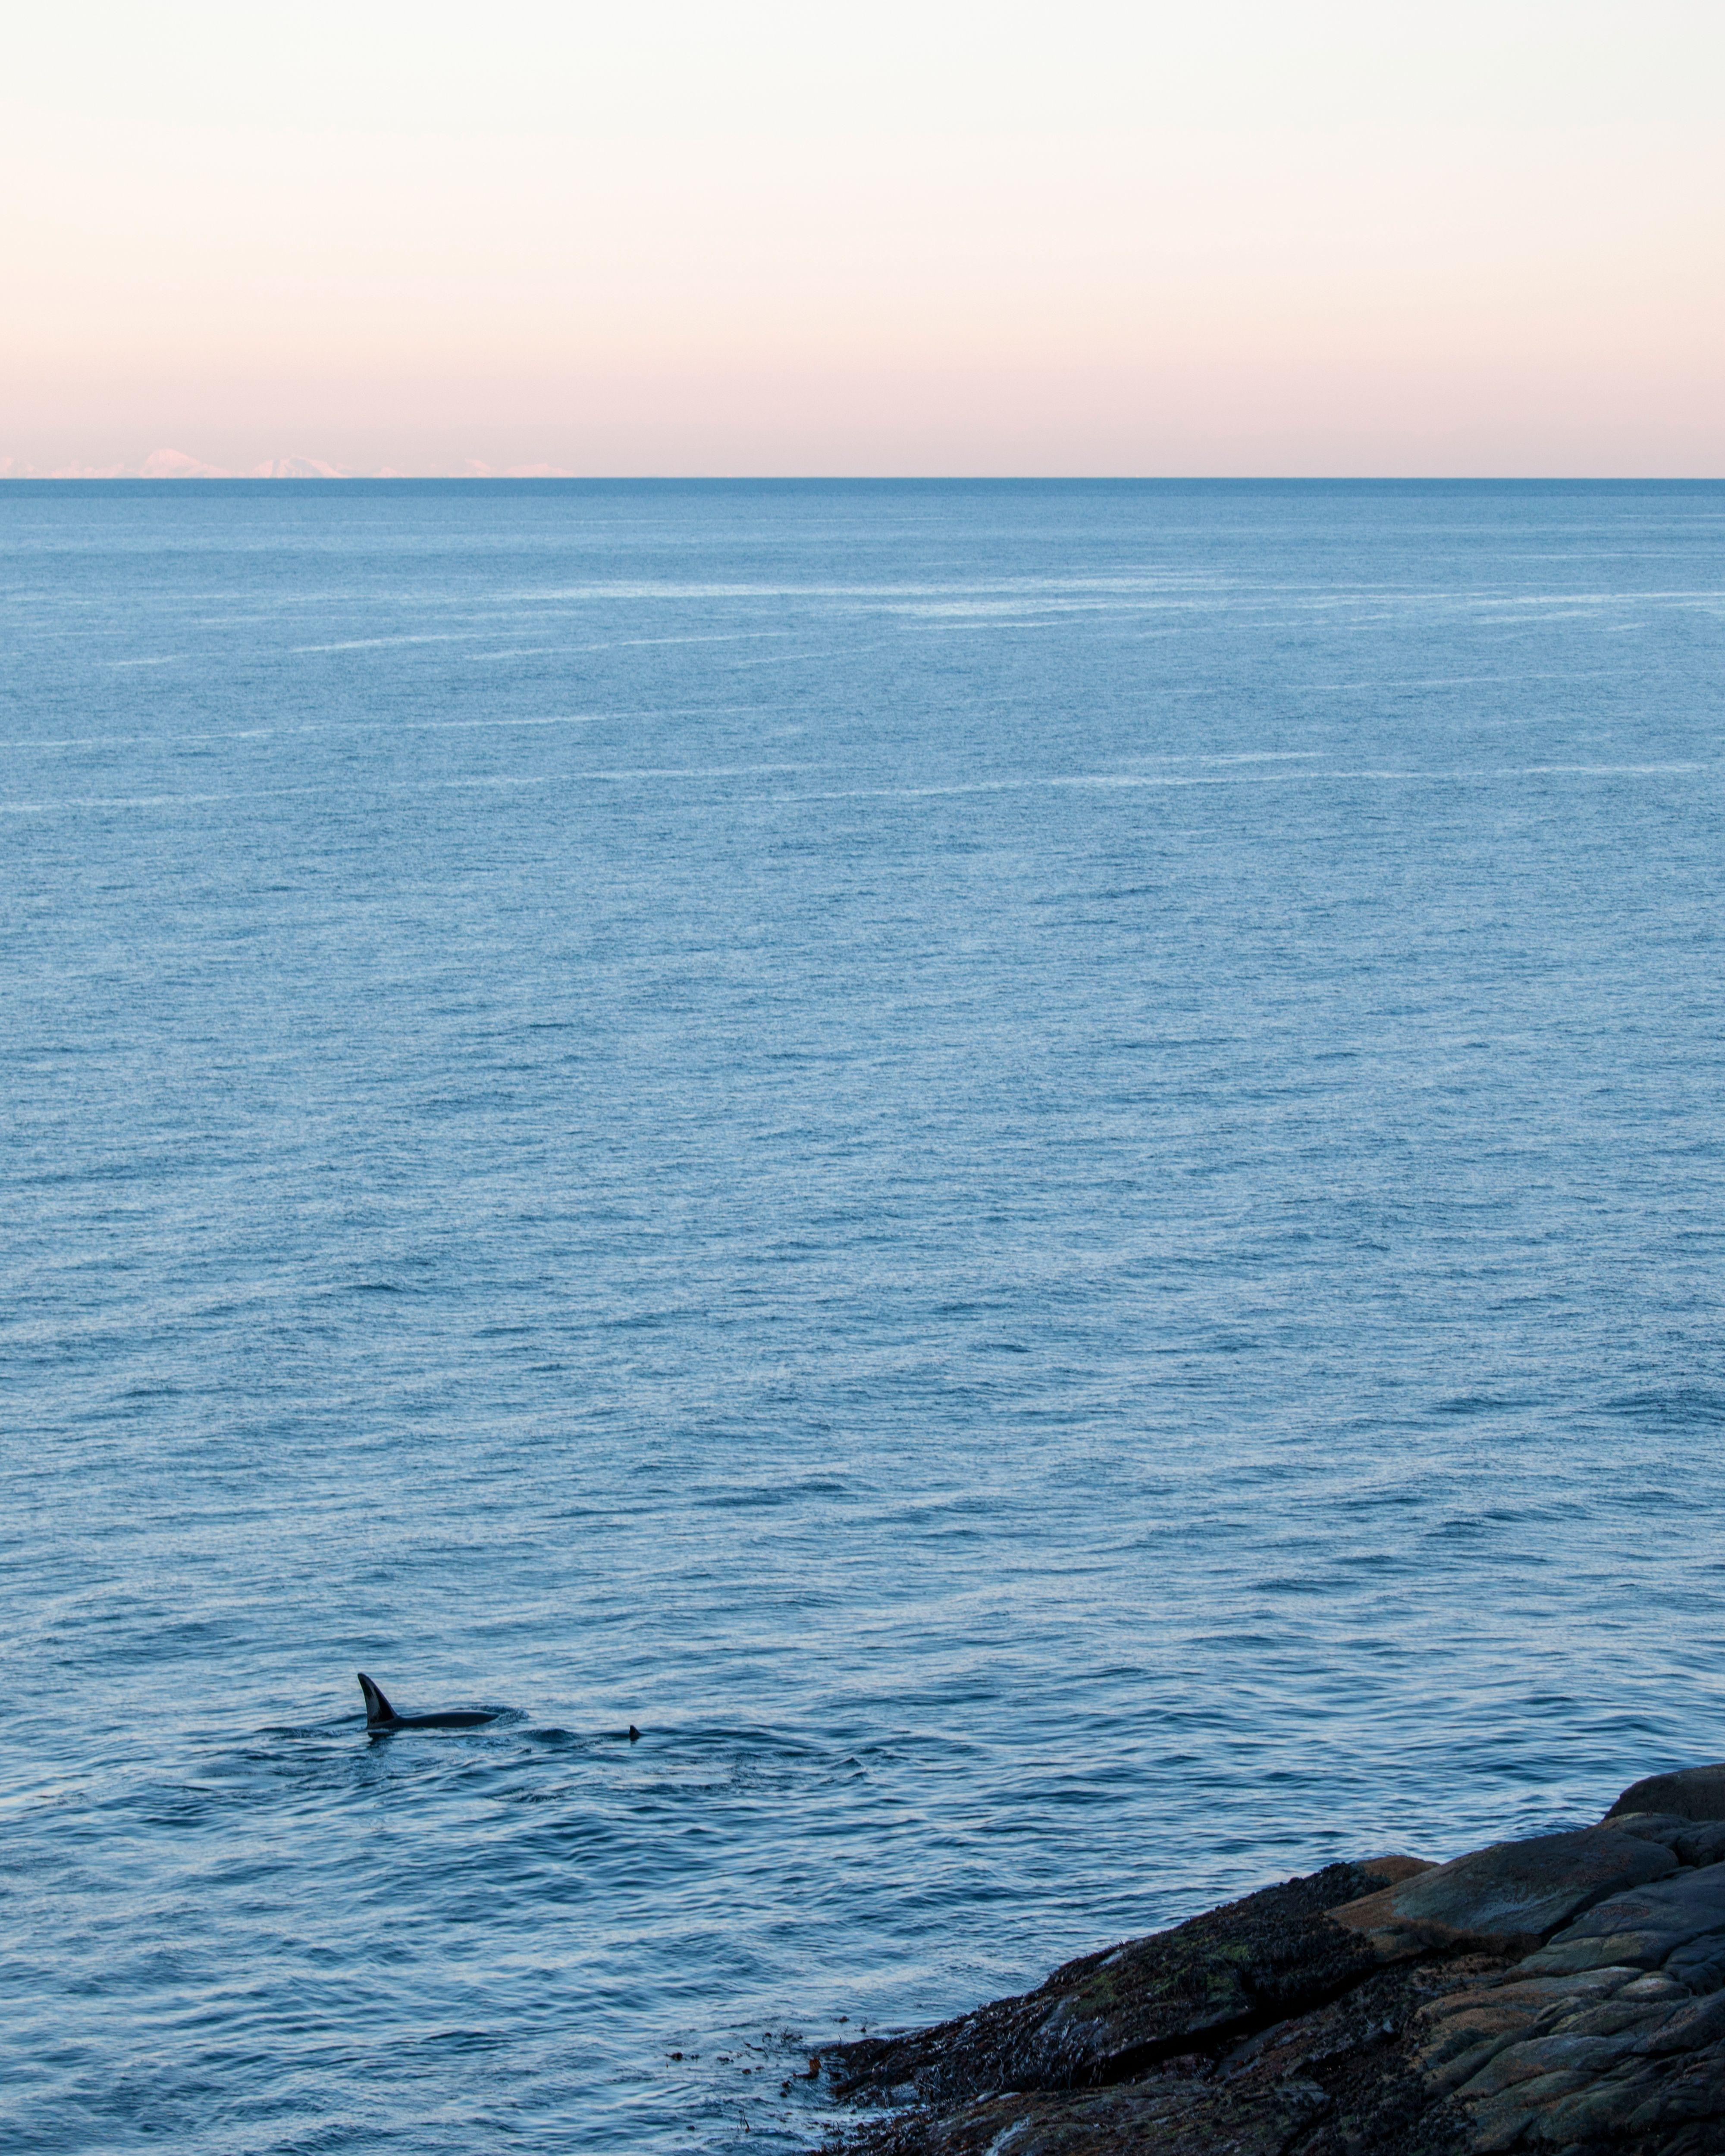 Oppglødd over et sjeldent med store, flotte dyr, glemmer jeg å ta flere bilder som dette. Jeg henger meg for mye opp i å komme så tett som mulig å fange de relativt få øyeblikkene de kommer mer opp av havflata, men kunne nok fått vel så flotte bilder der spekkhoggerne var mer en del av miljøet rundt. 1/200s - f/5.0 - ISO 250. Behandlet fra råformat.